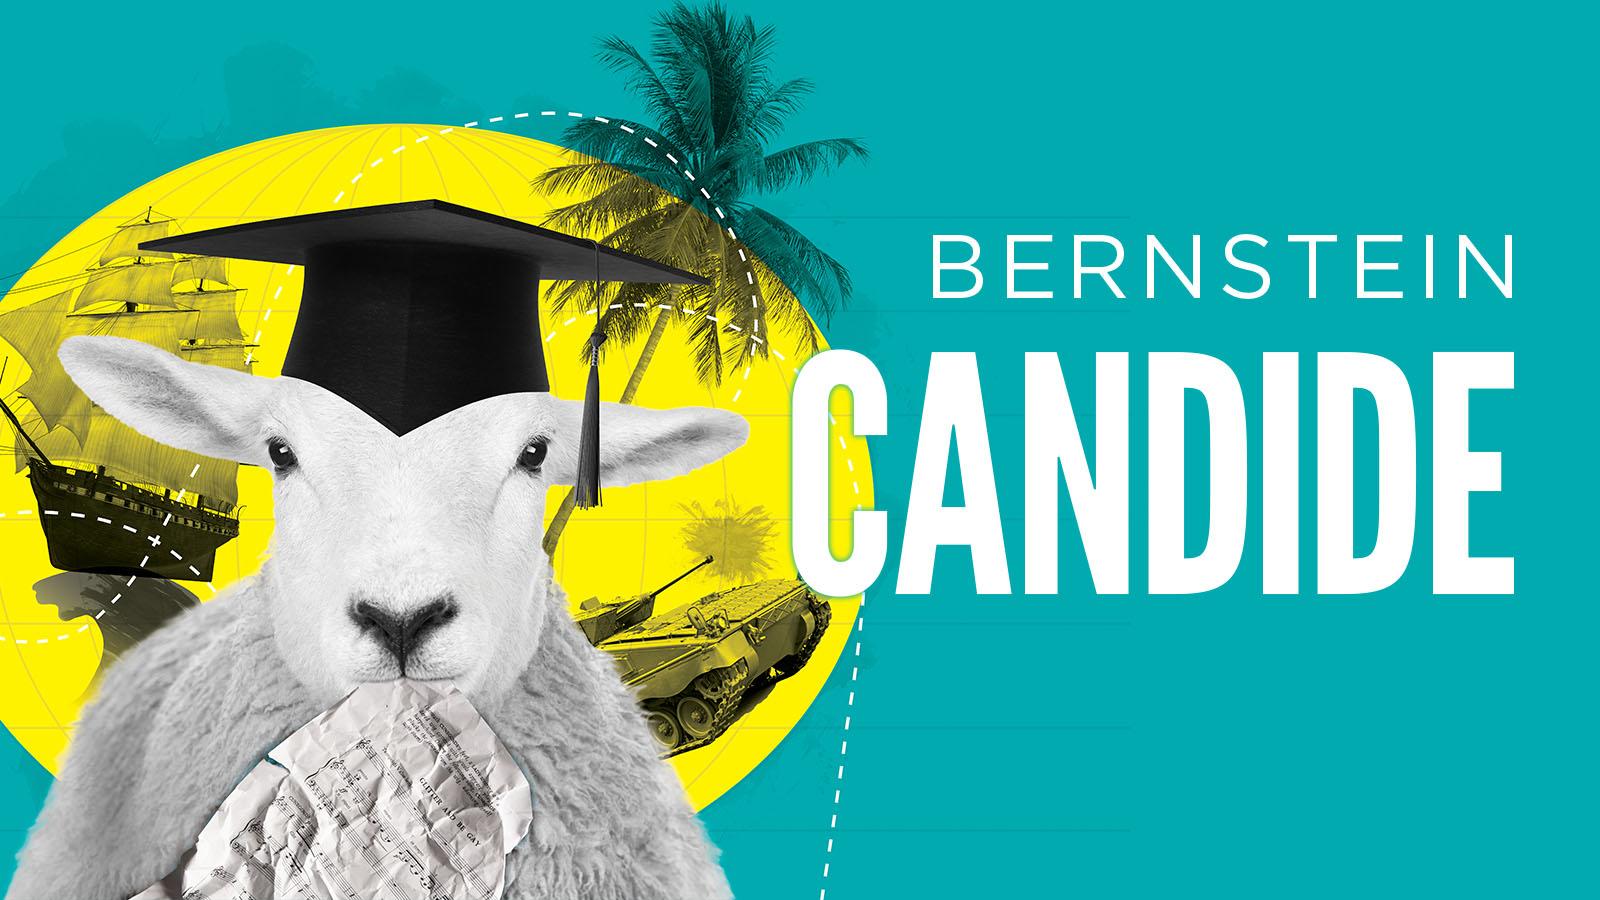 Candide Banner.jpg